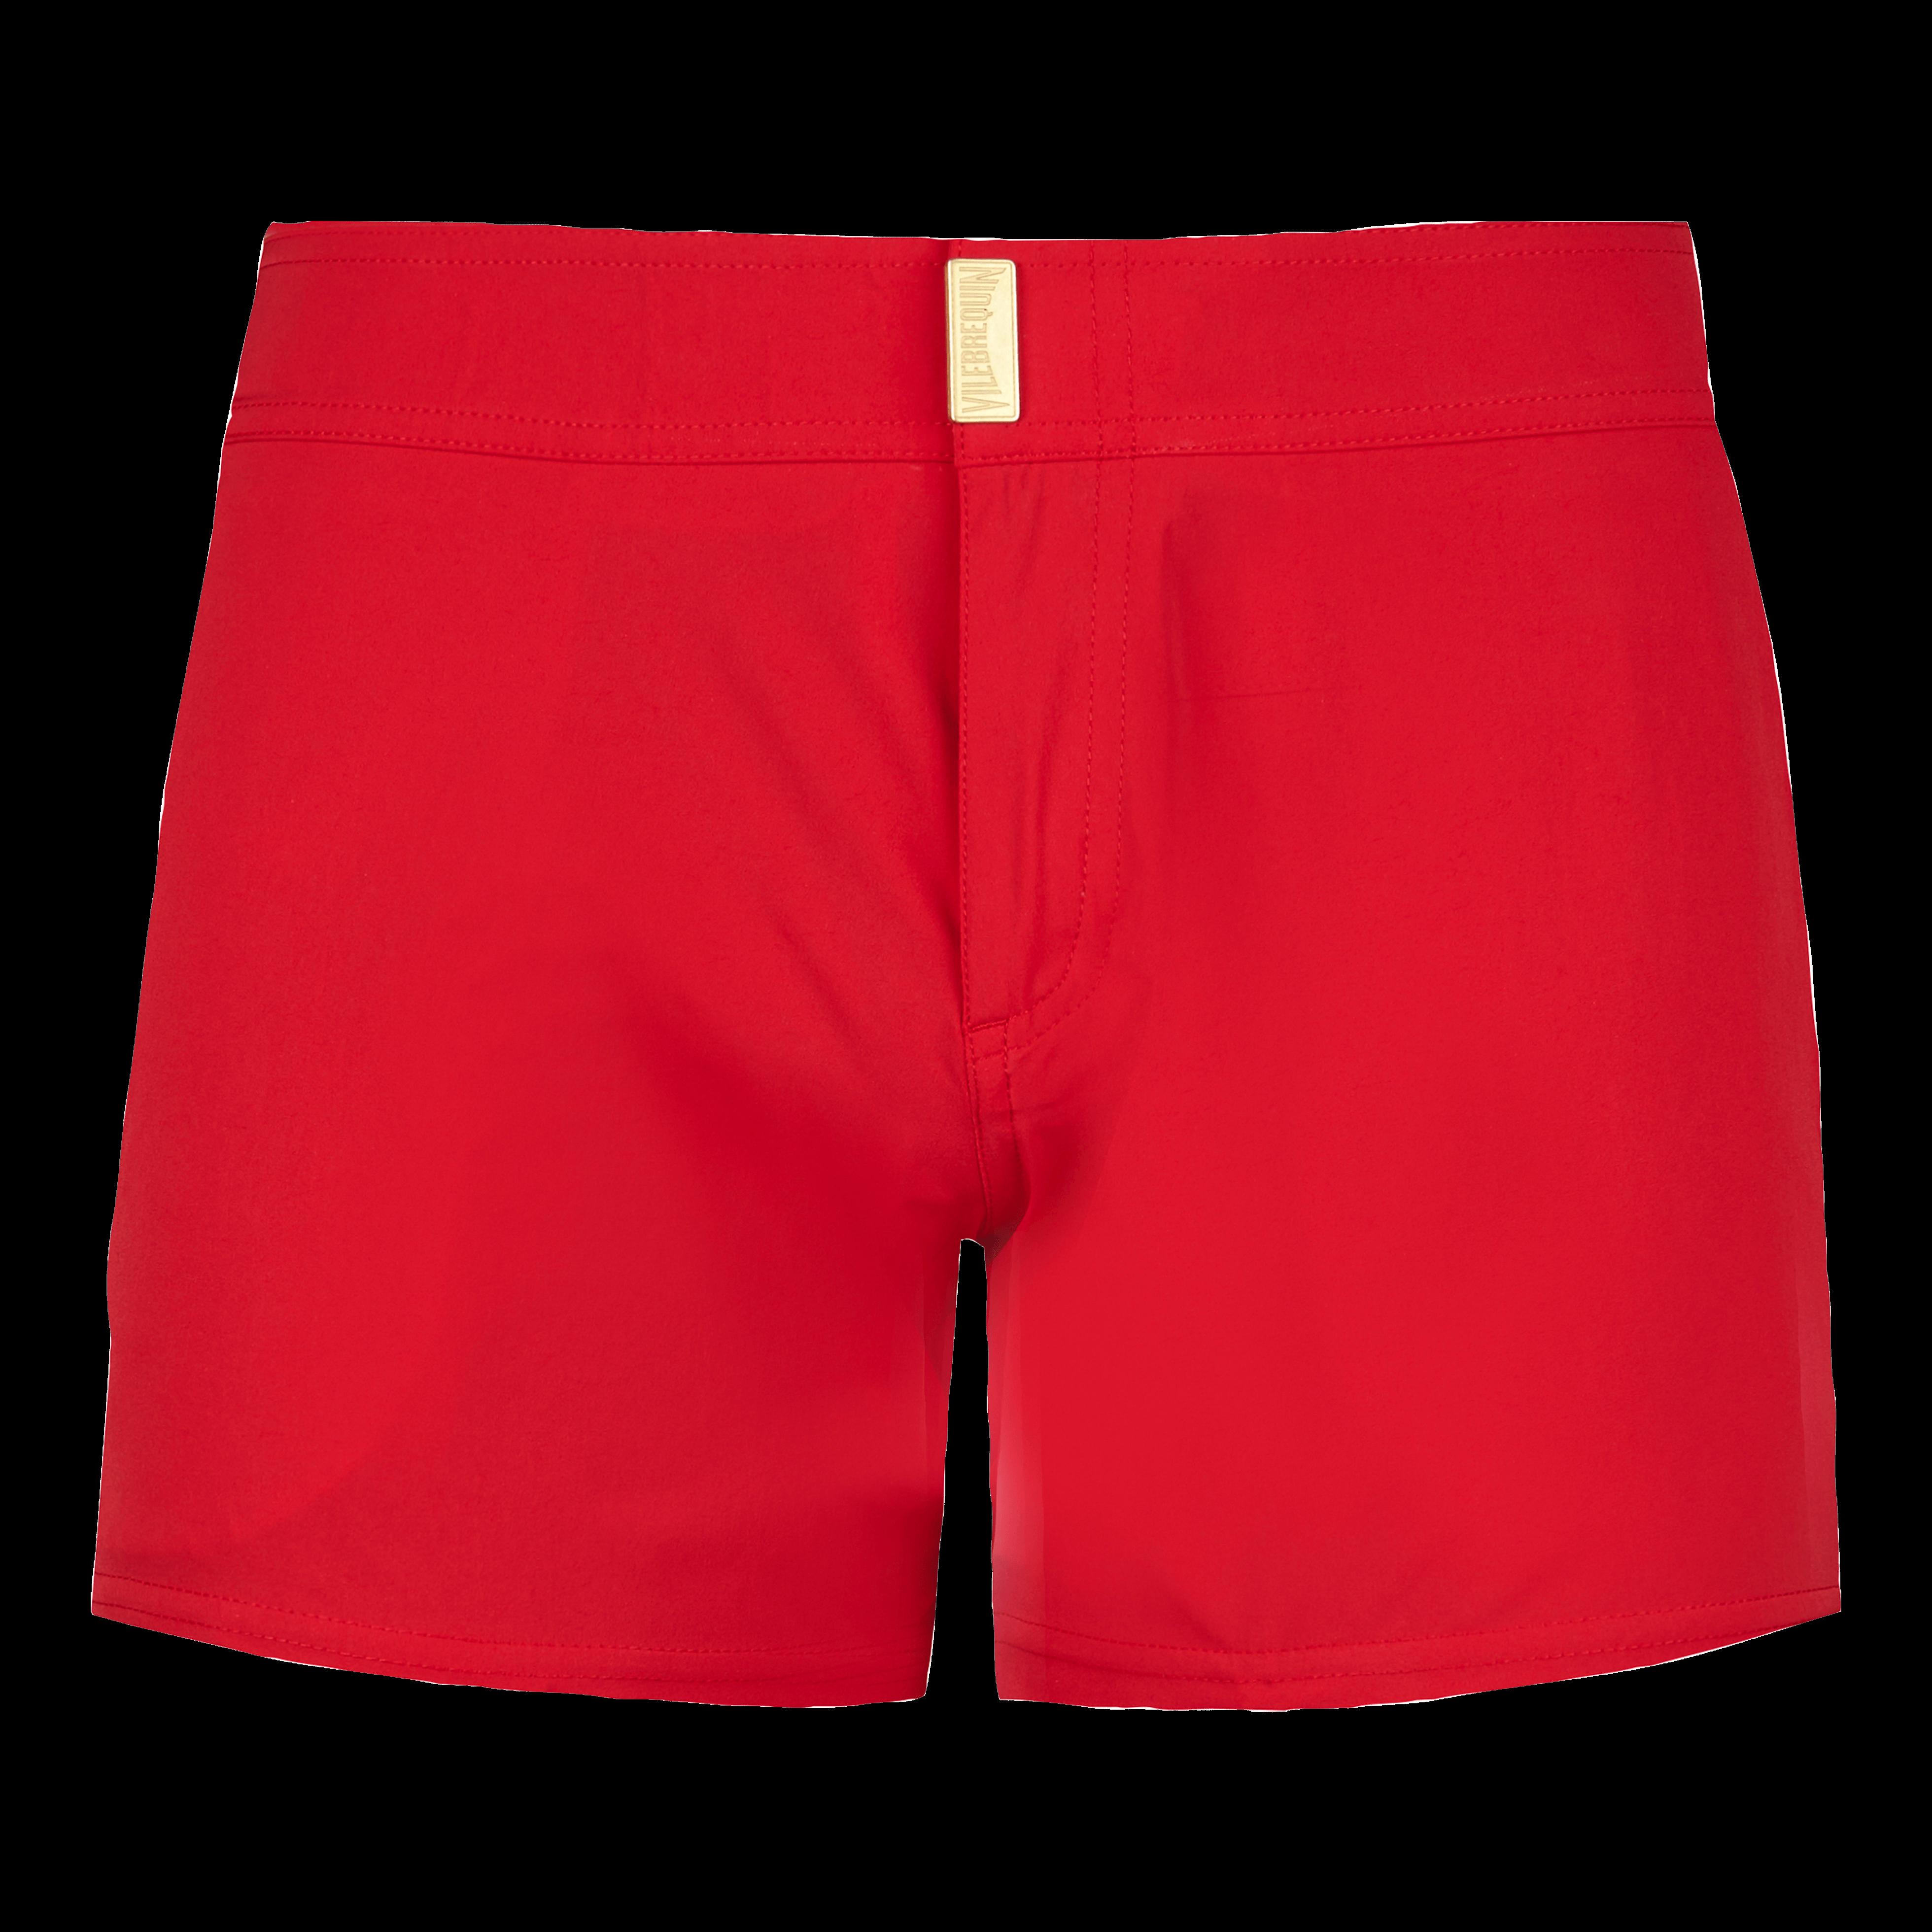 ff6188b84b804 Vilebrequin Men Swimwear - Men Flat Belt Stretch Swimtrunks Tuxedo -  Swimtrunks - Midnight In Red